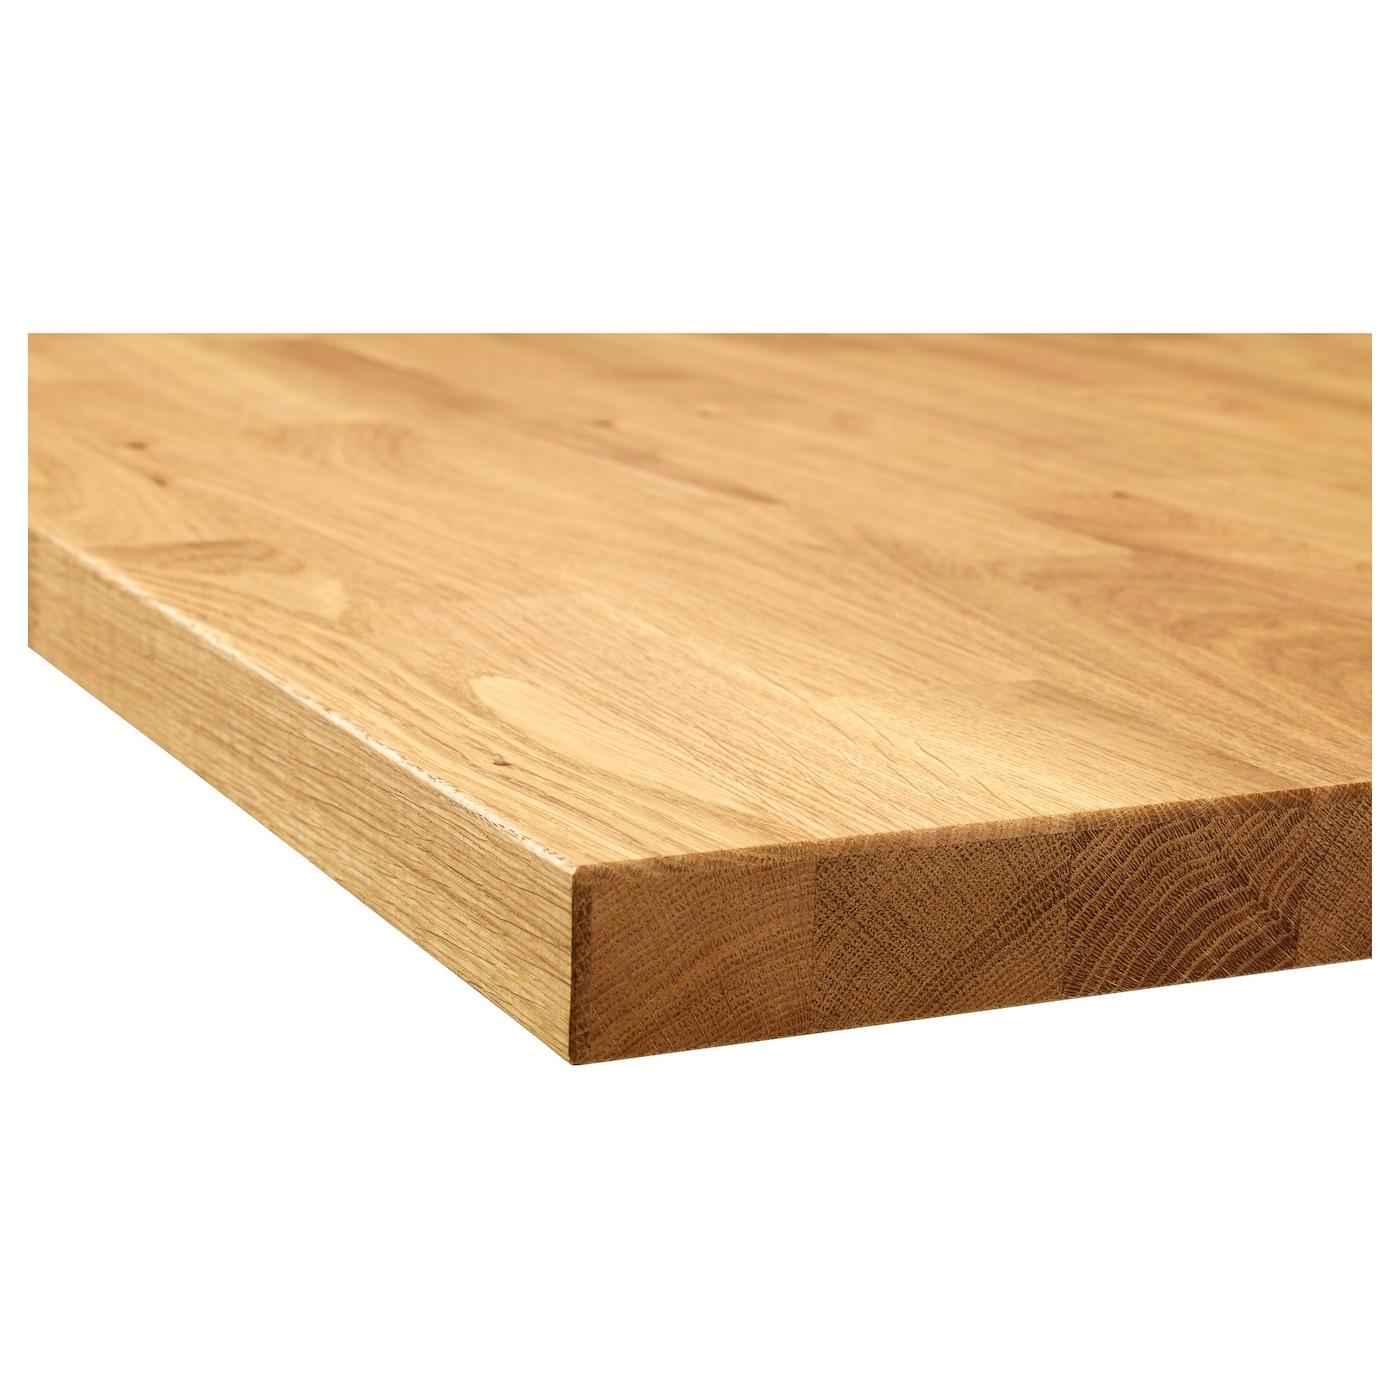 KARLBY pracovní deska na míru dub/dýha 3 mm 100 cm 10 cm 400 cm 45.1 cm 63.5 cm 3.8 cm